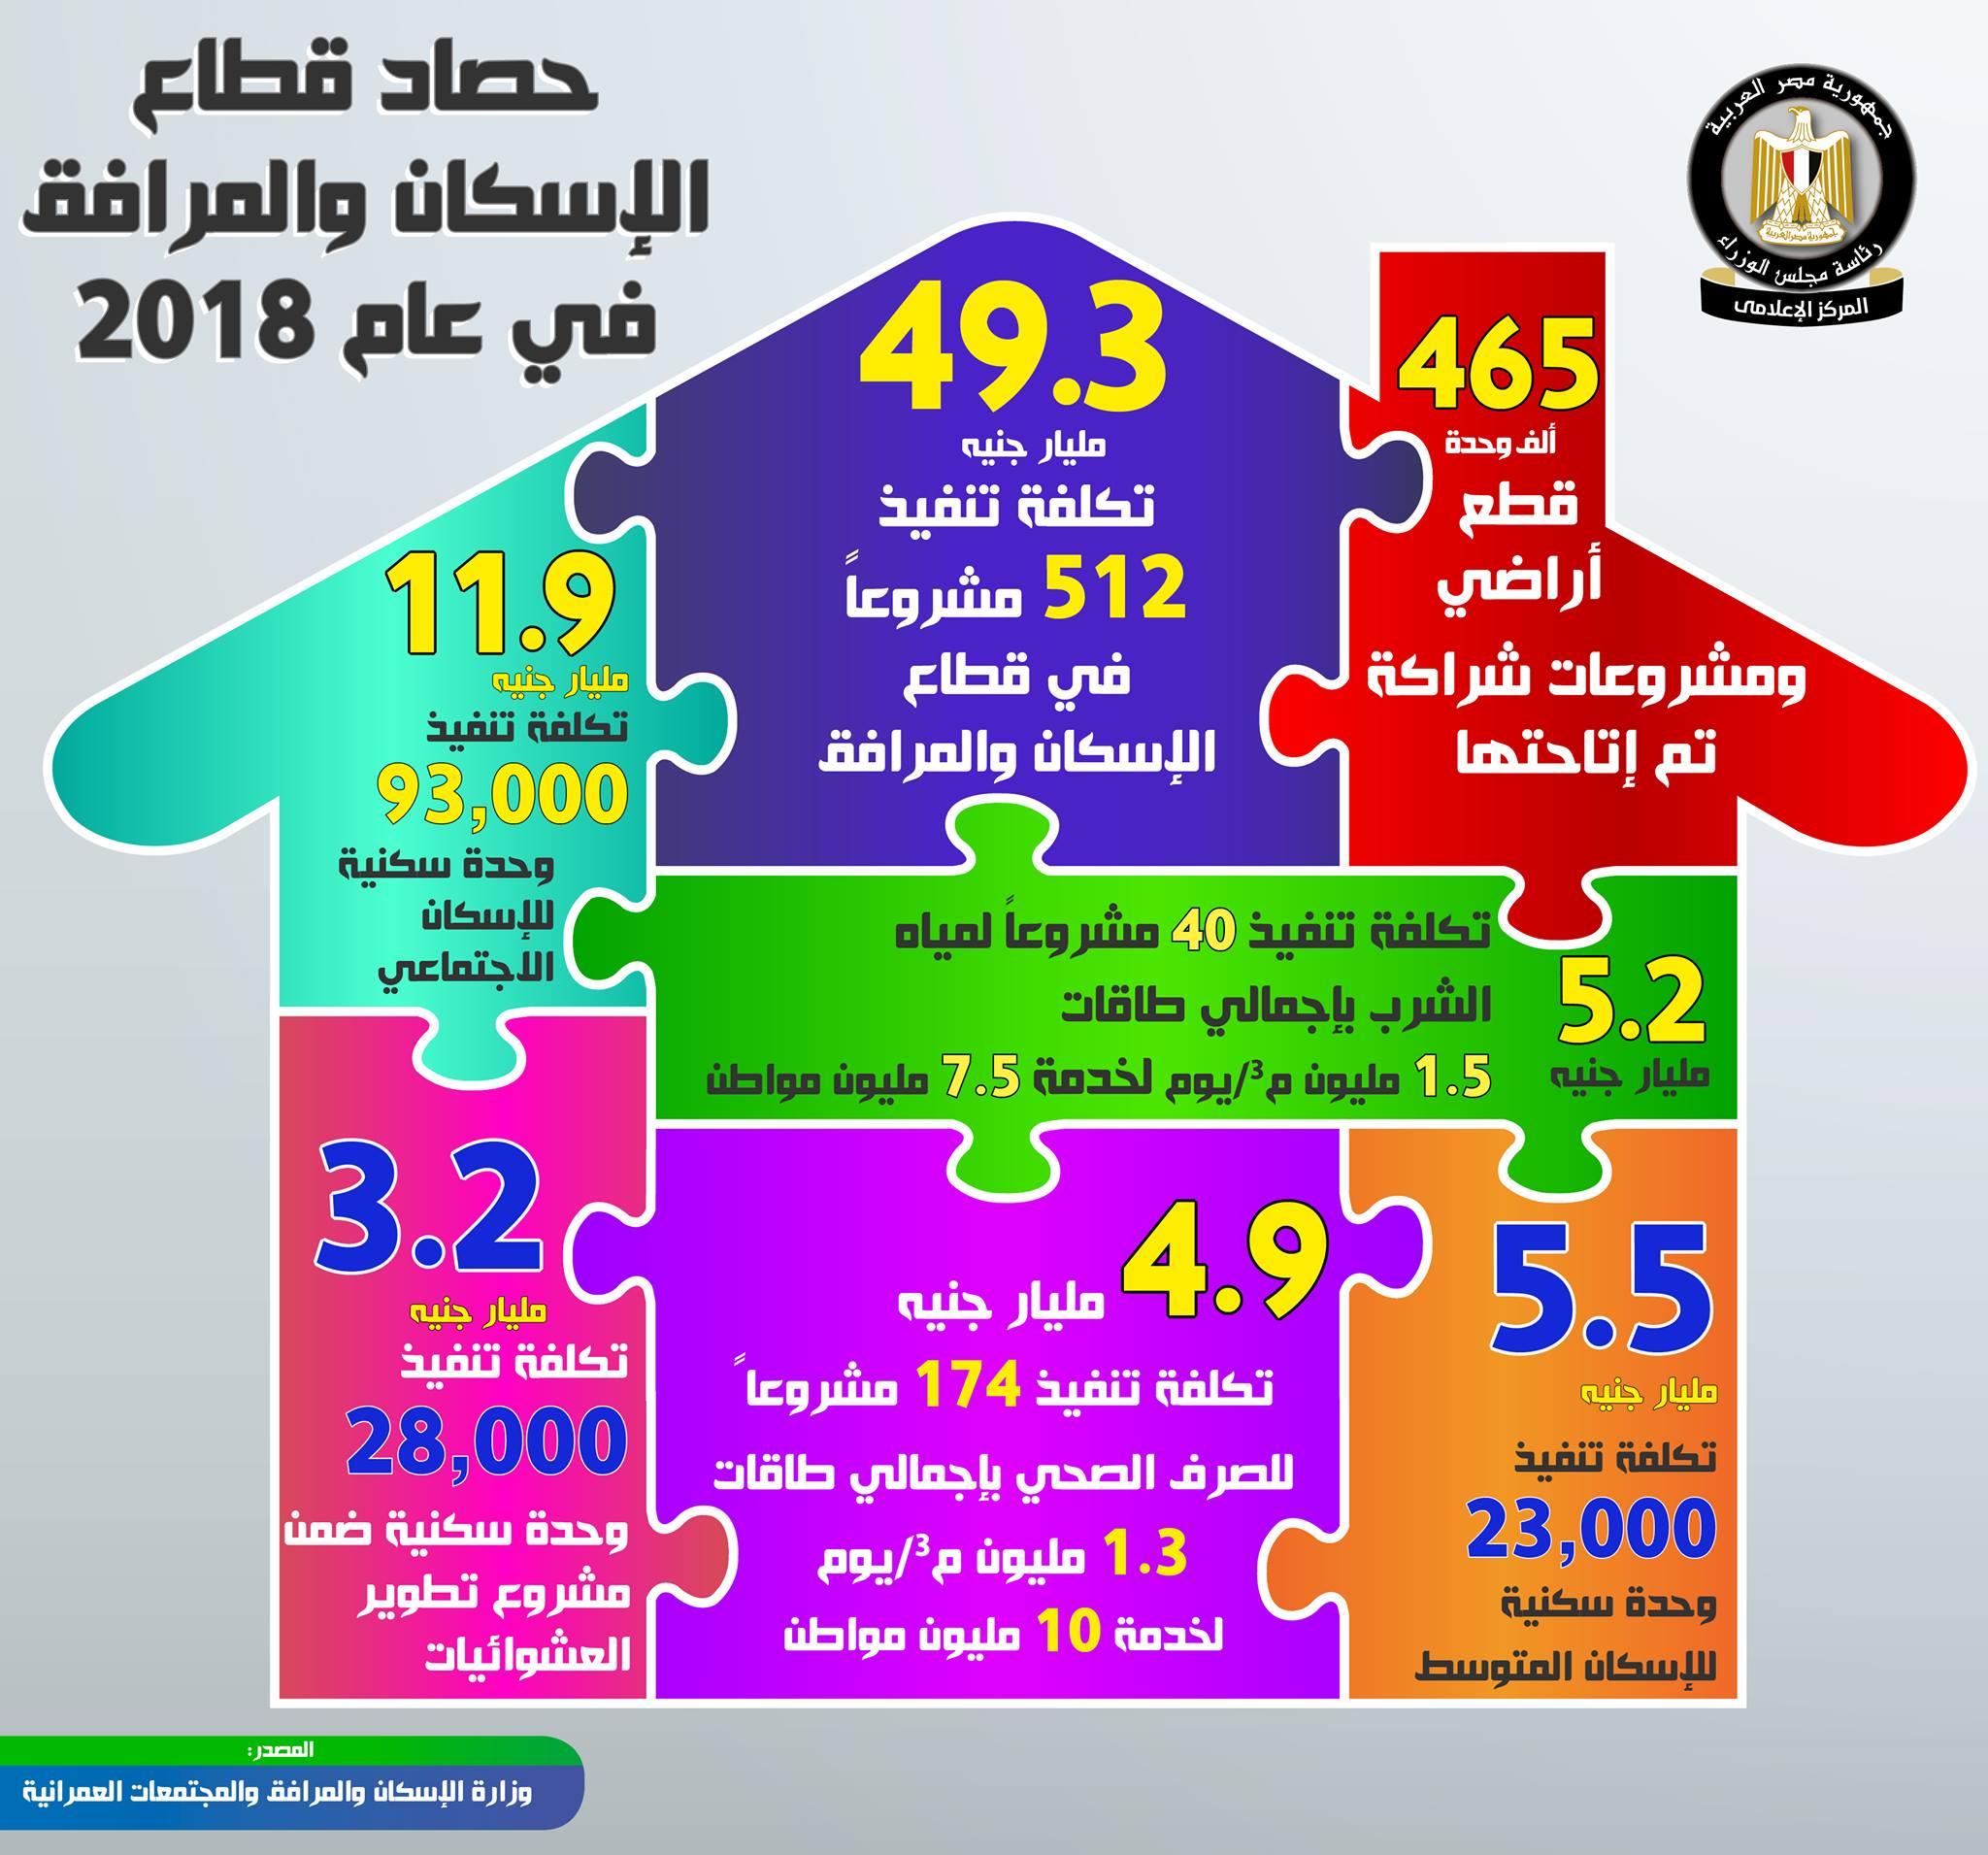 حصاد قطاع الإسكان والمرافق لعام 2018